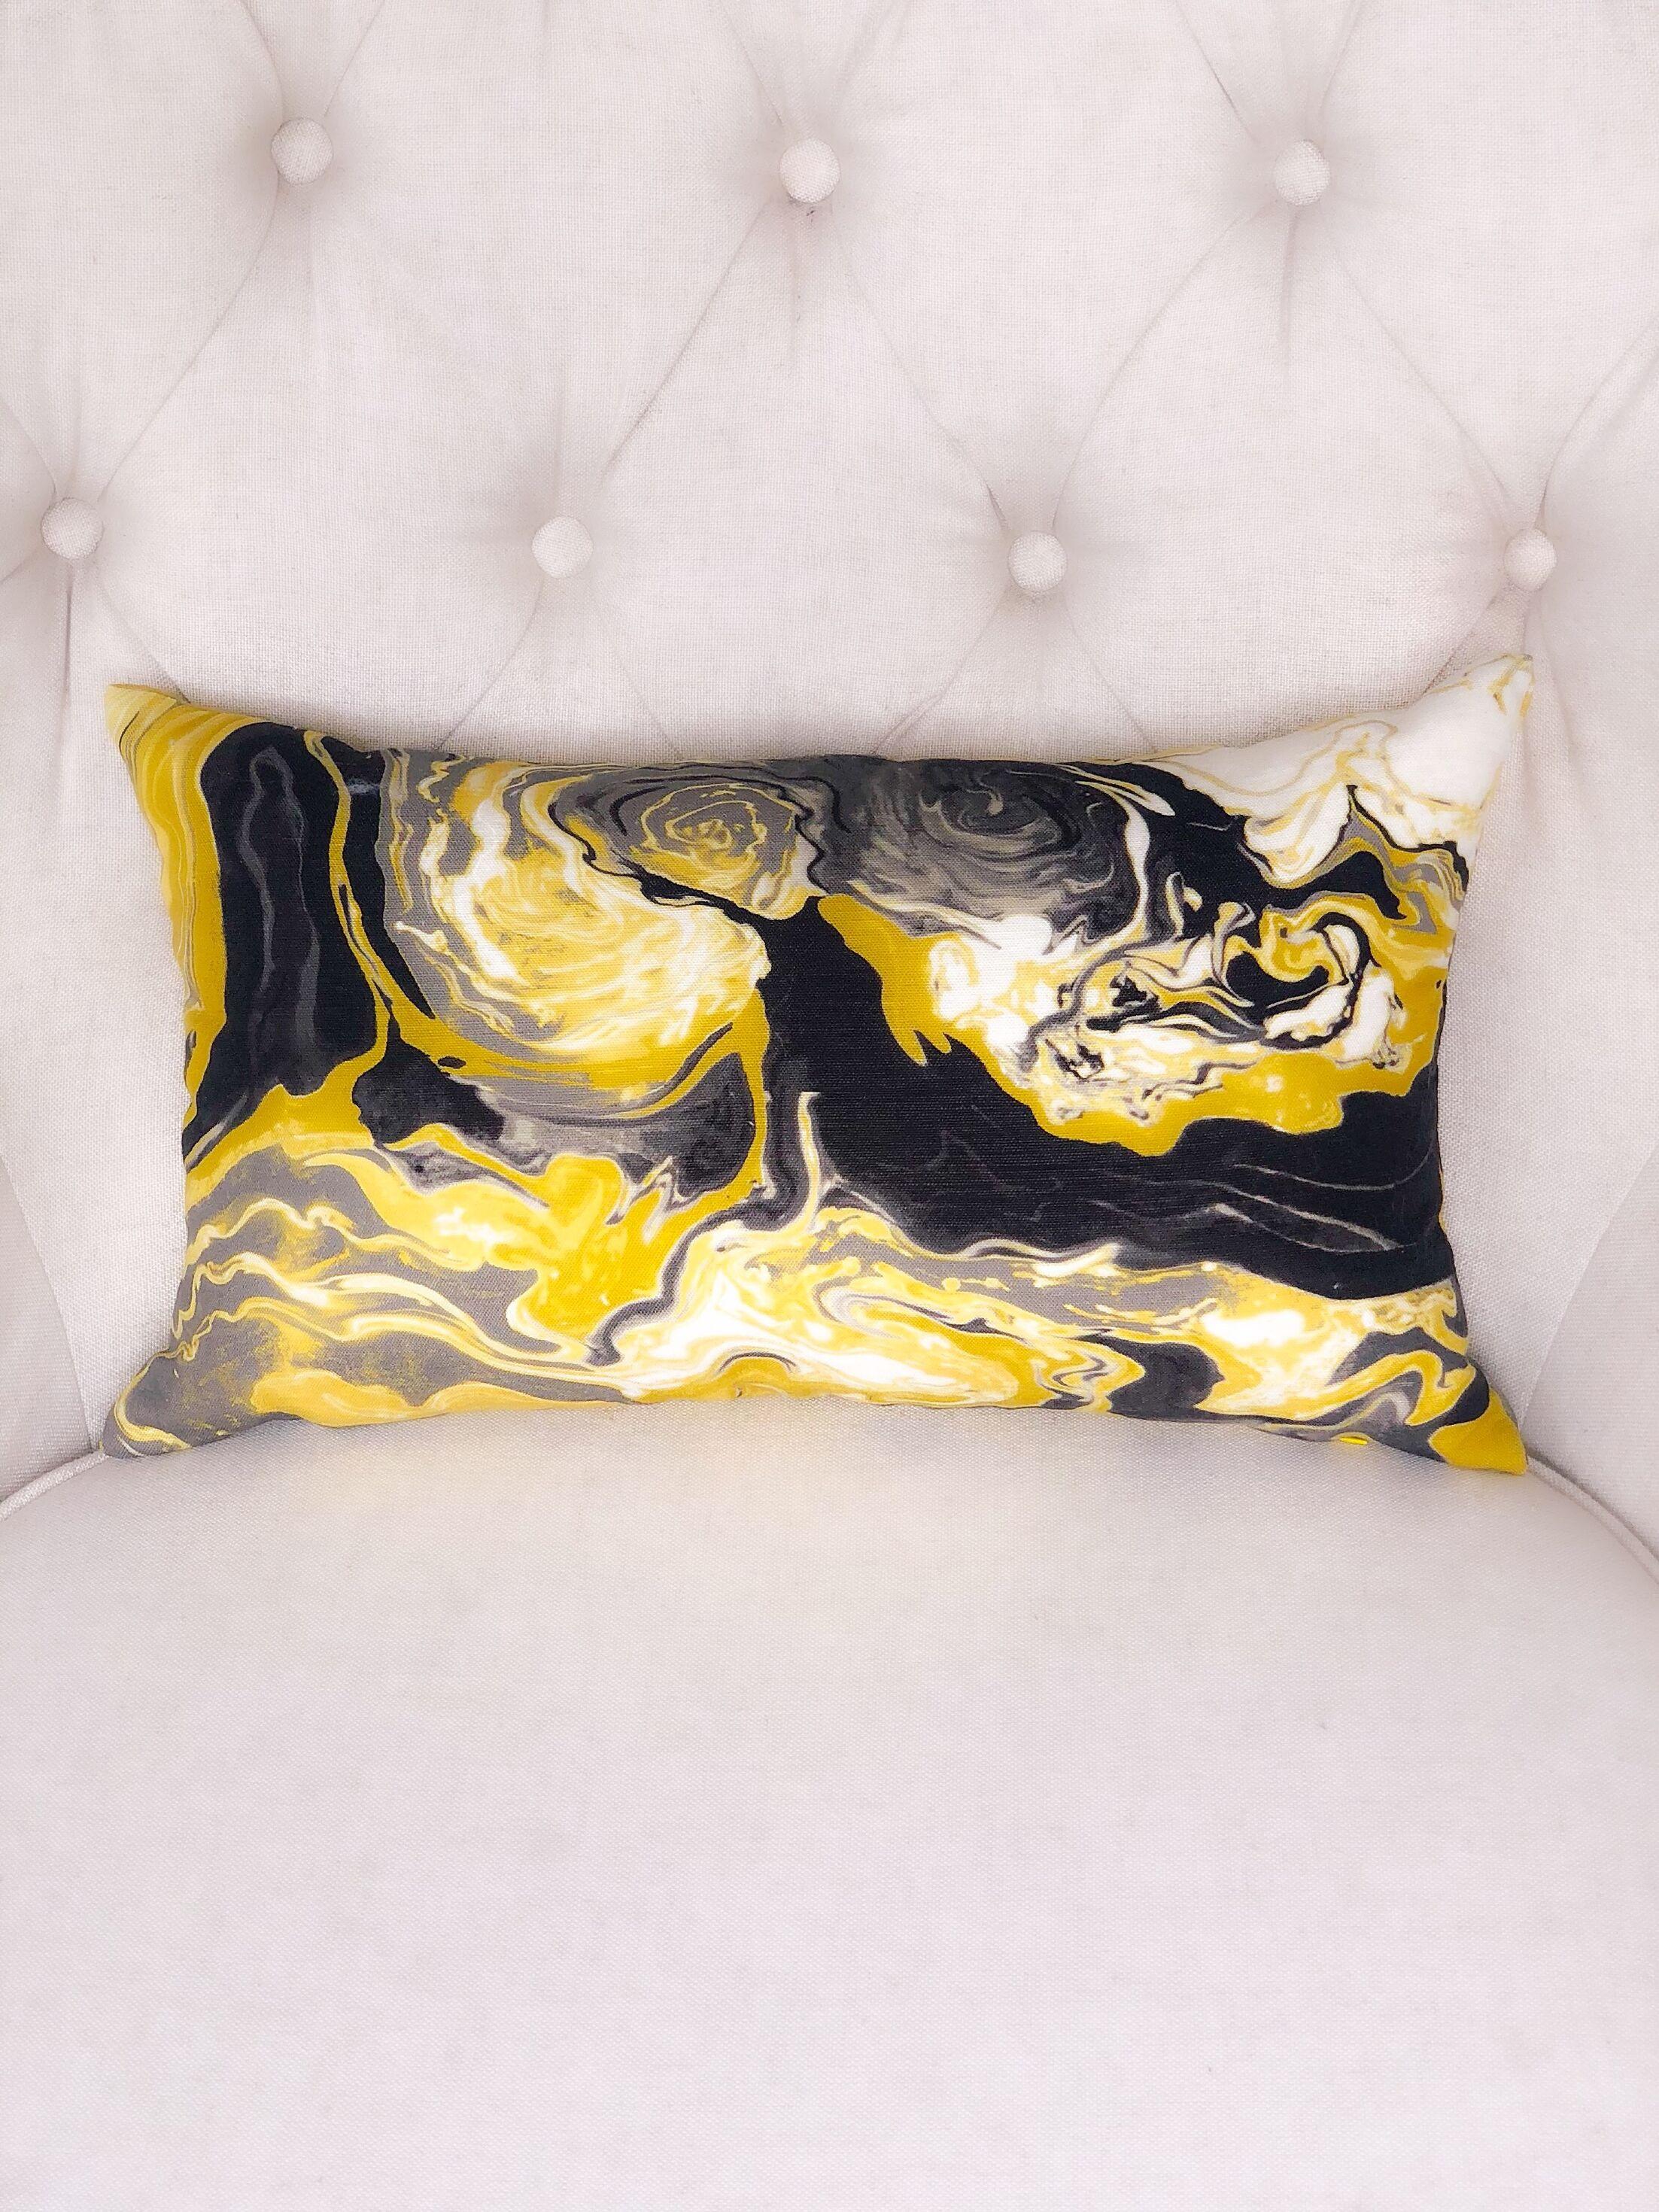 Garbutt Handmade Luxury Pillow Size: 20